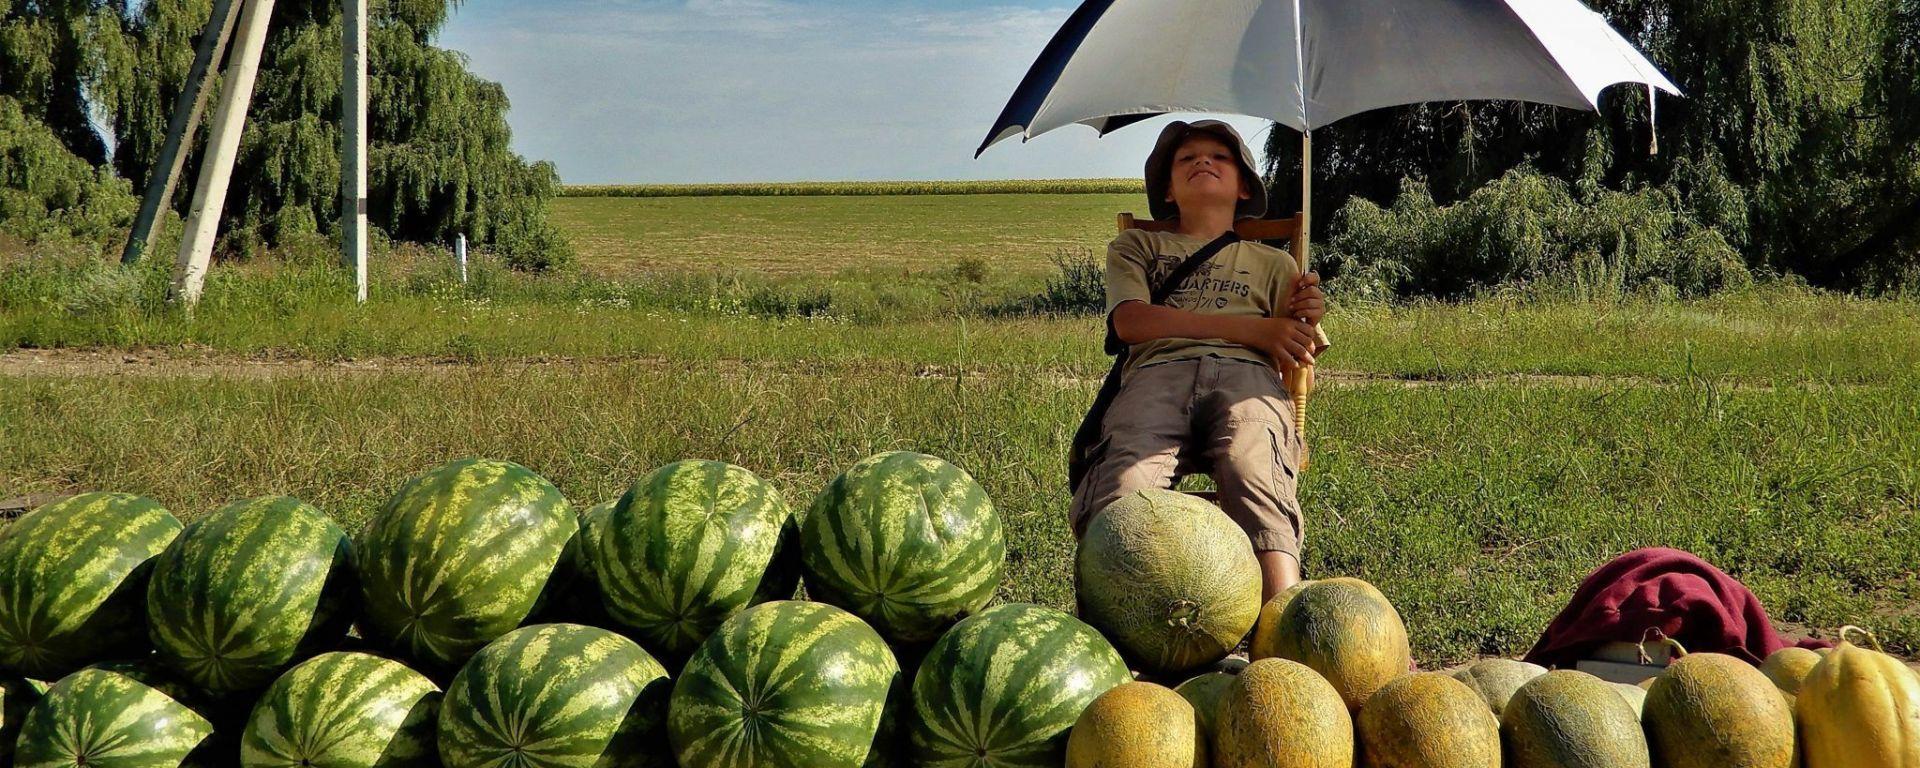 Moldavia, niño vendiendo sandías